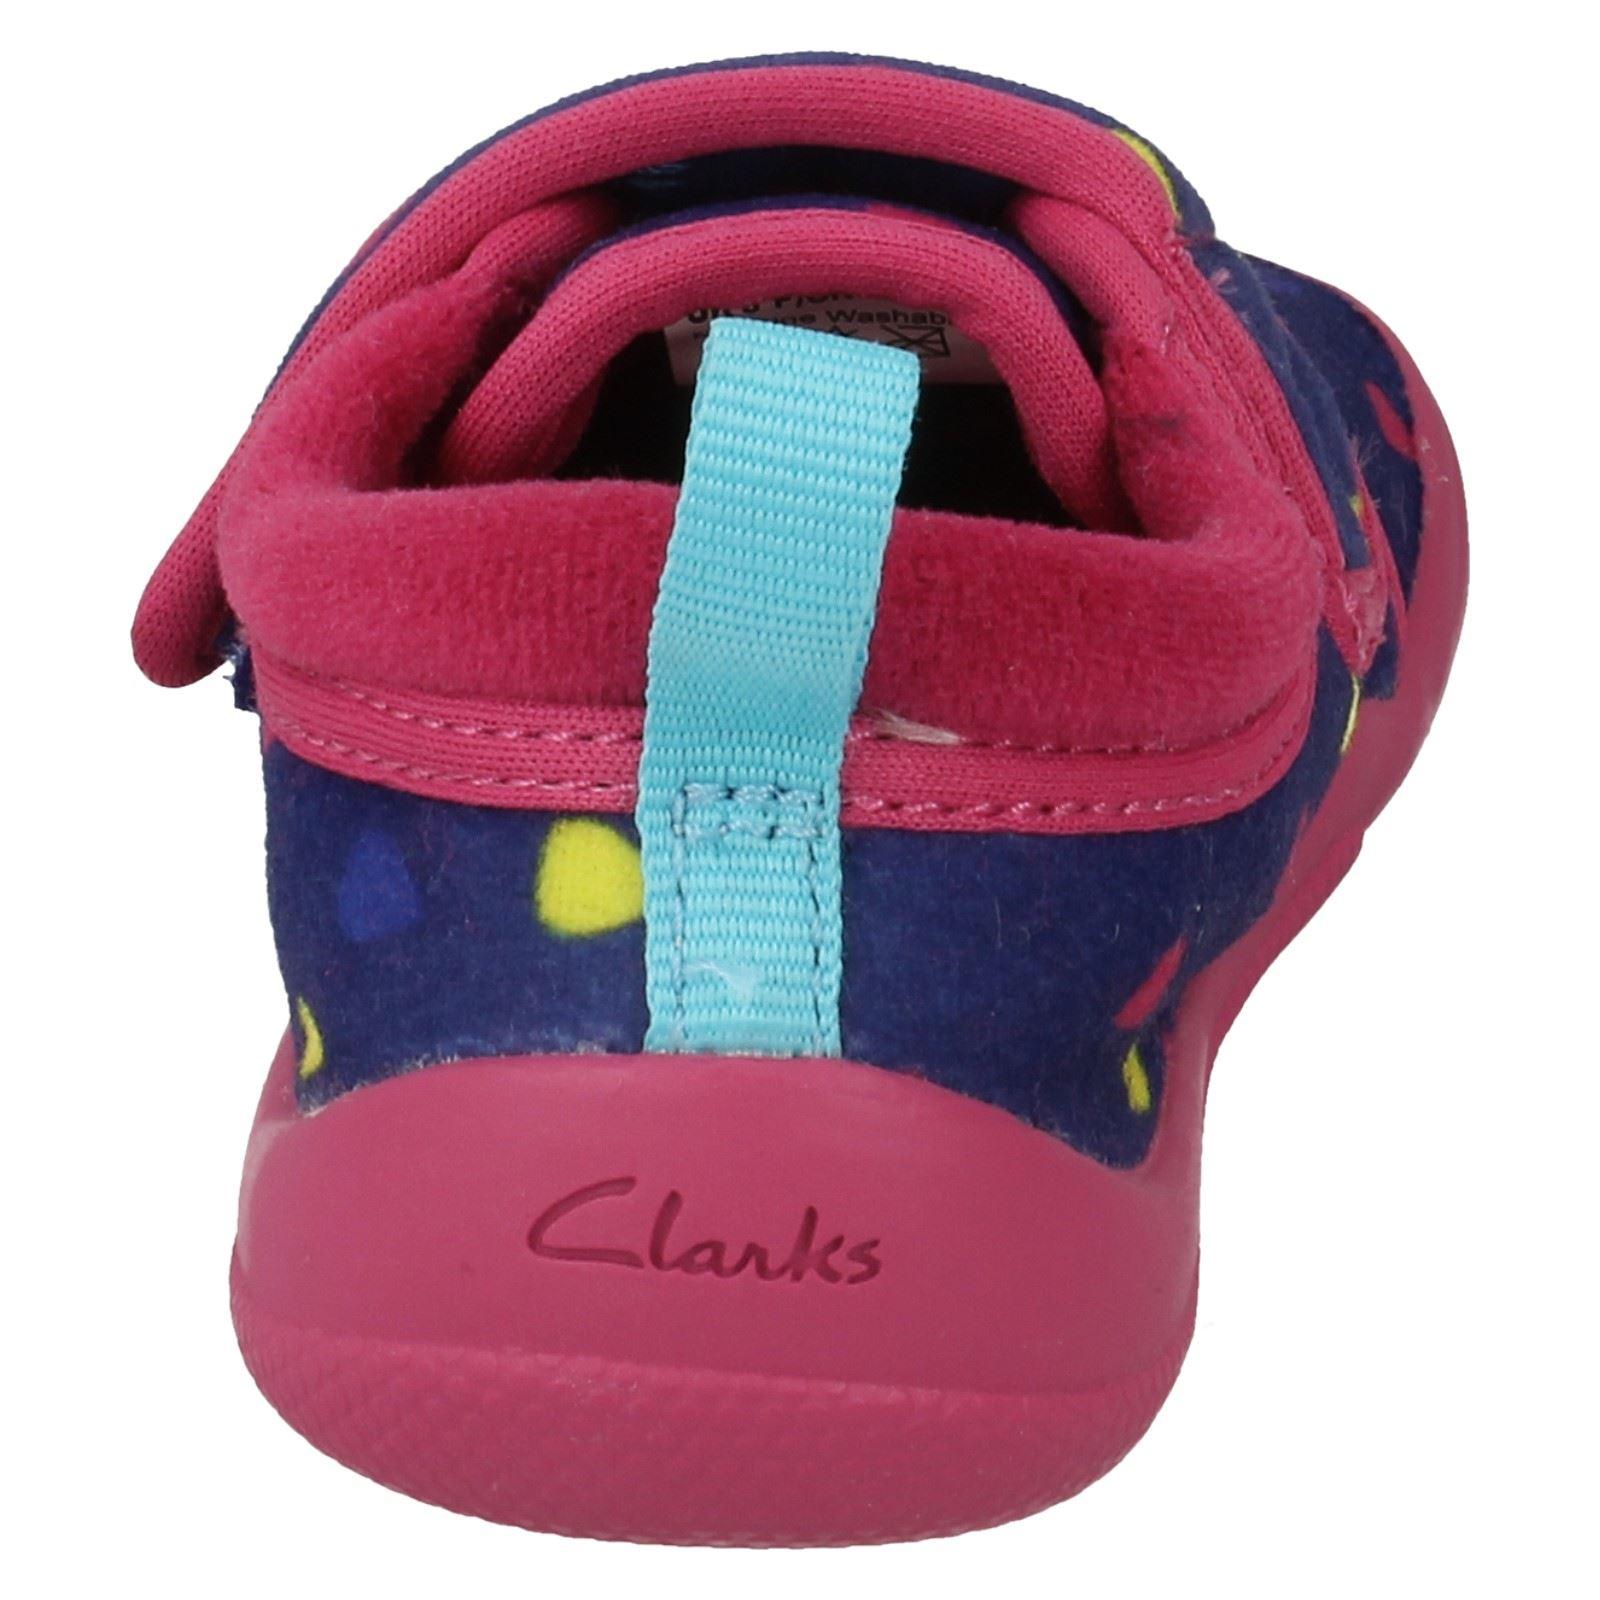 Chicas Clarks Pantuflas el estilo-Cuba PIP